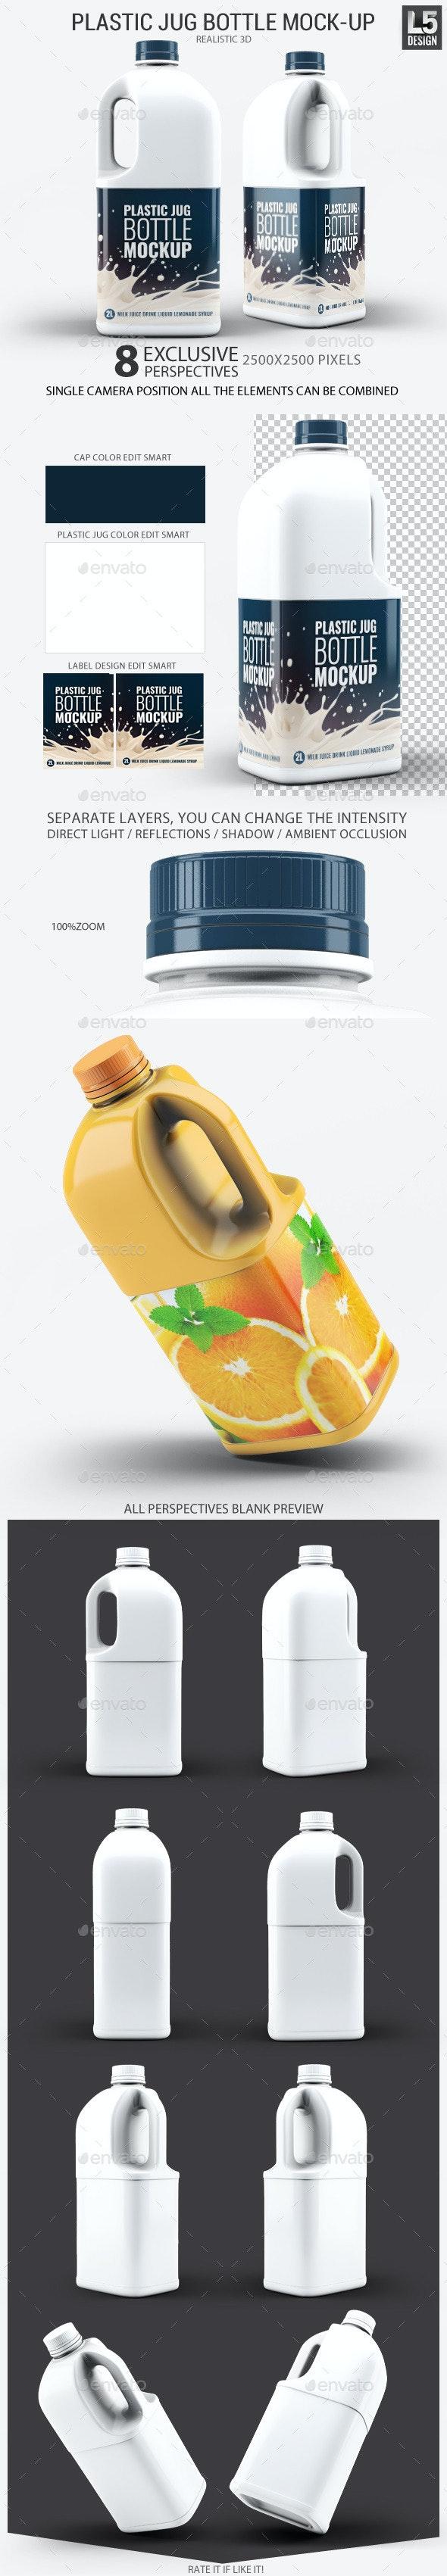 Plastic Jug Bottle Mock-Up - Food and Drink Packaging